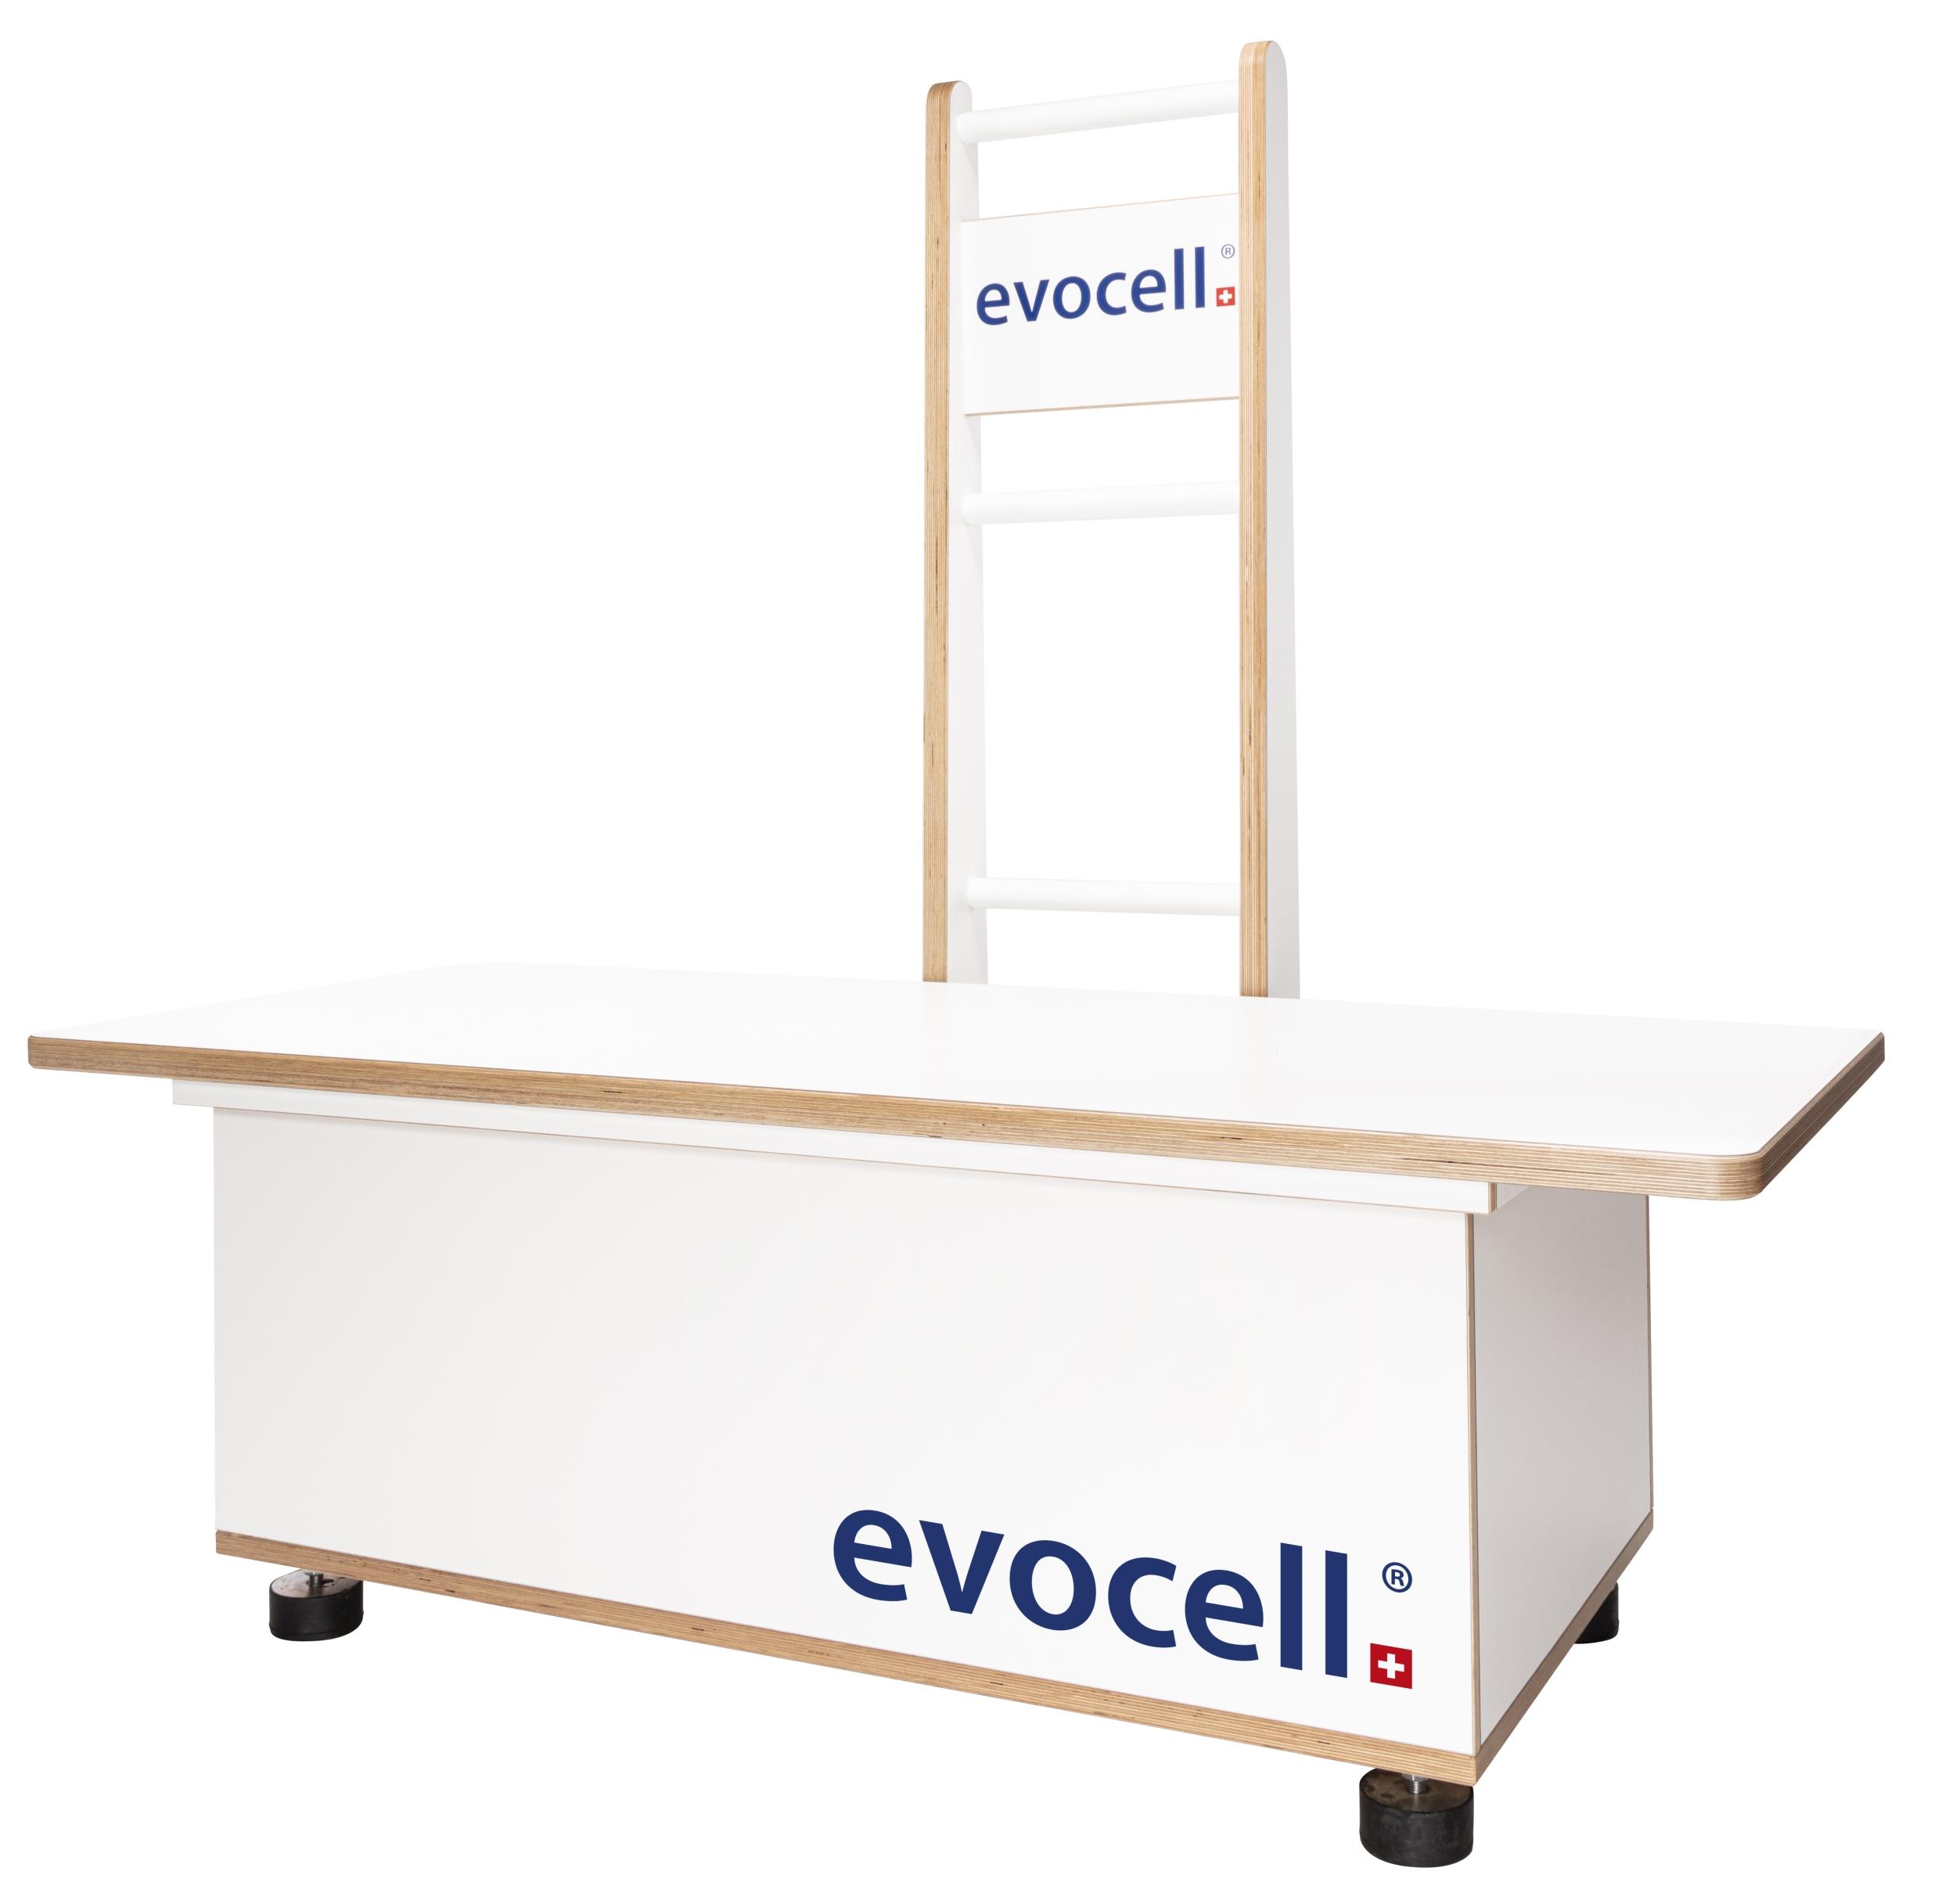 evocell_2